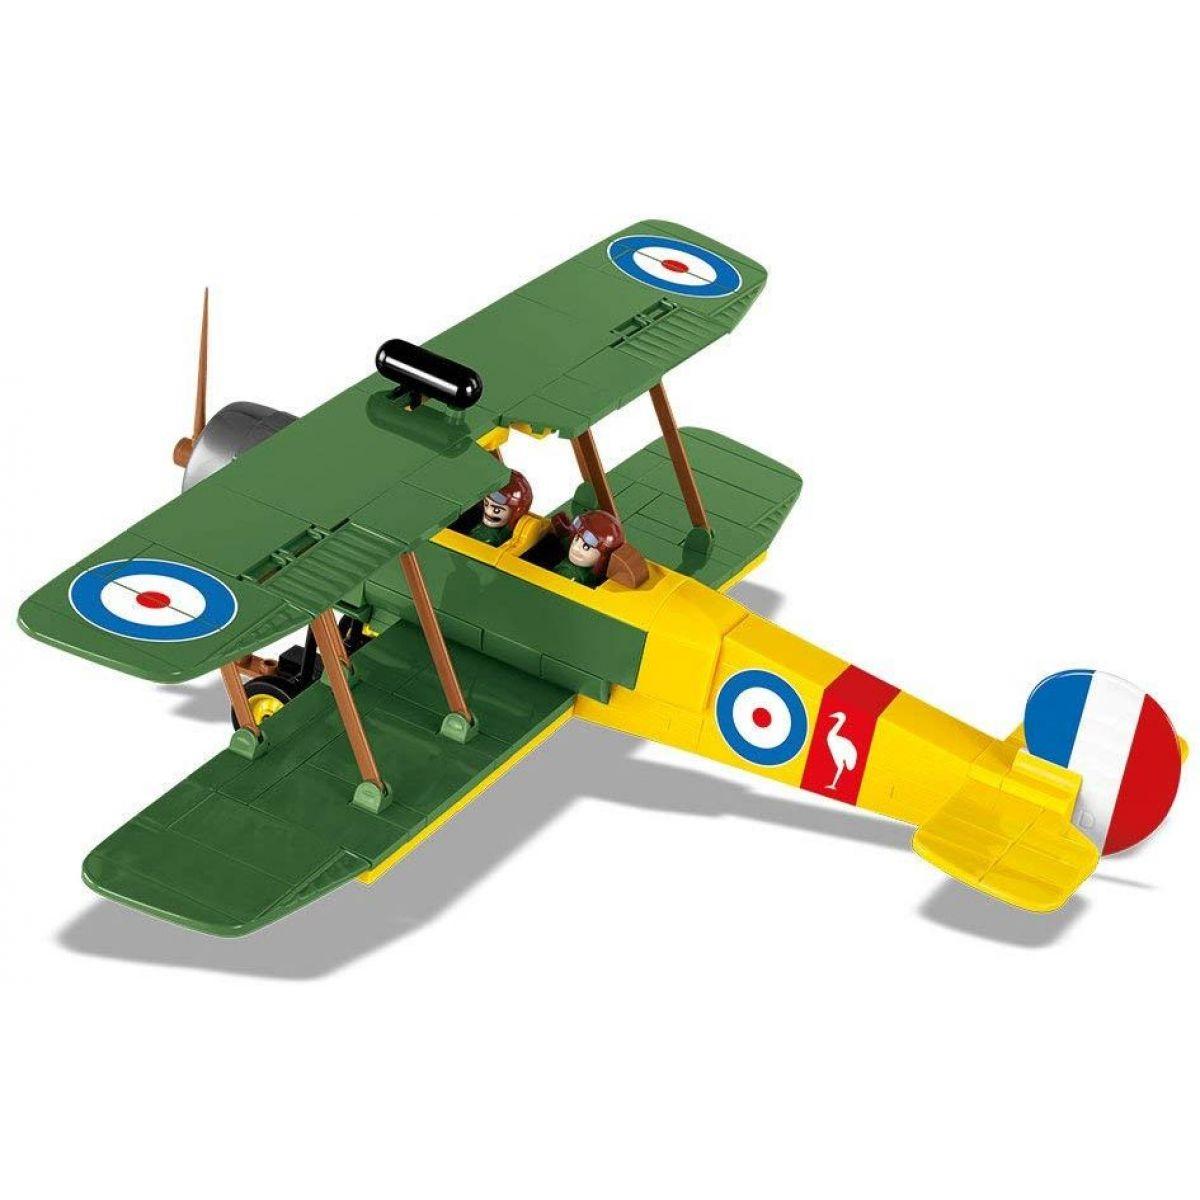 Cobi 2977 Great War Avro 504K, 230 k, 2 f